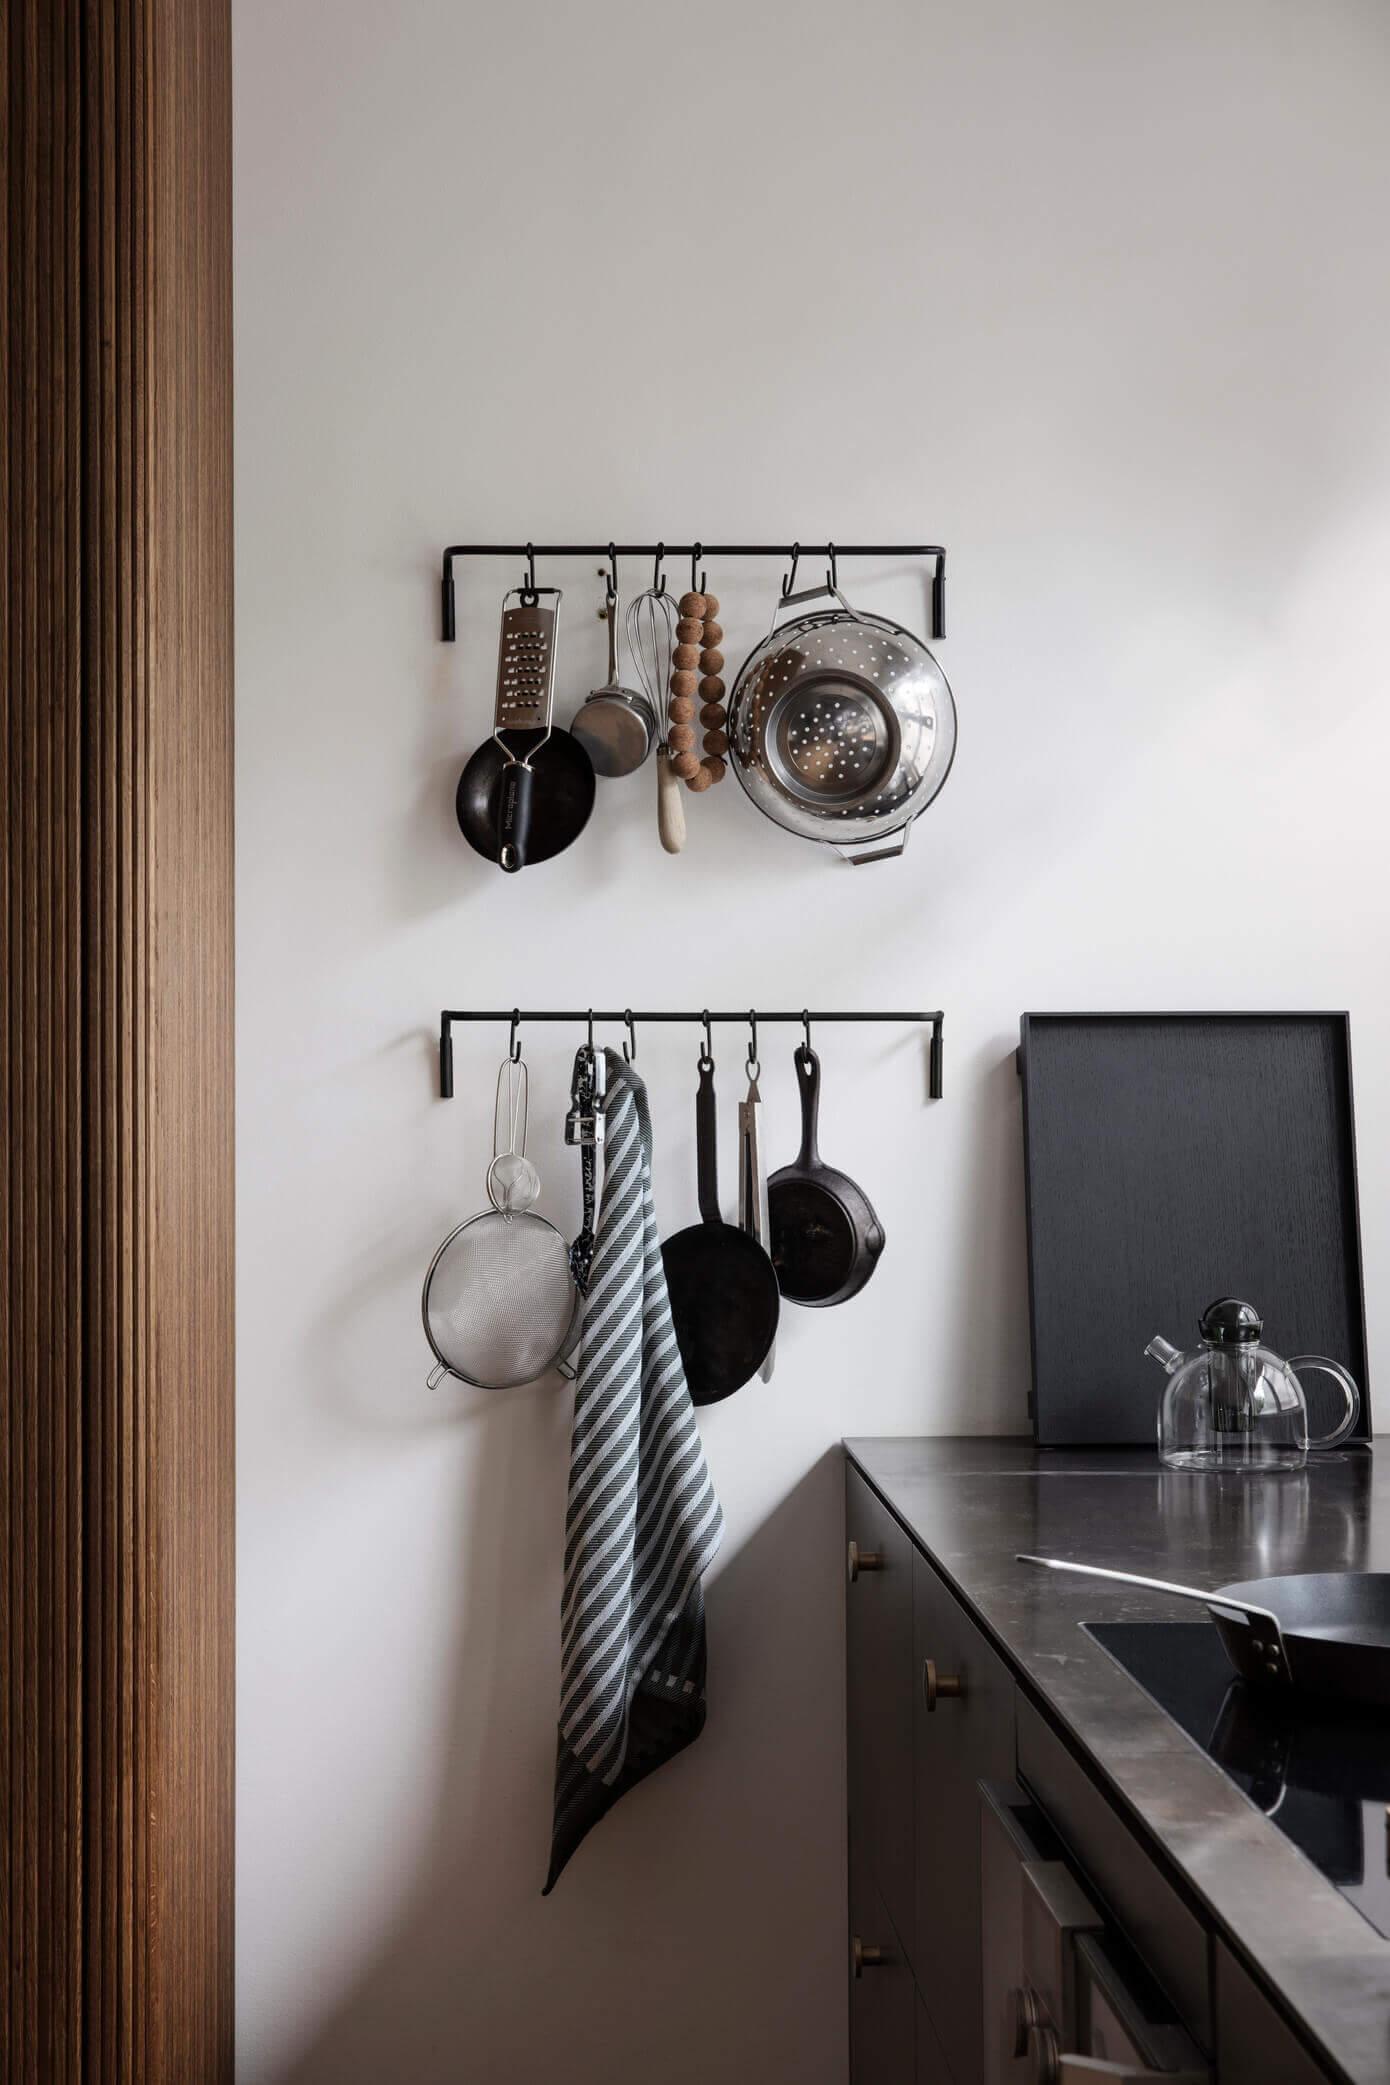 收藏品罐和锅-如何在墙上最少地展示它们